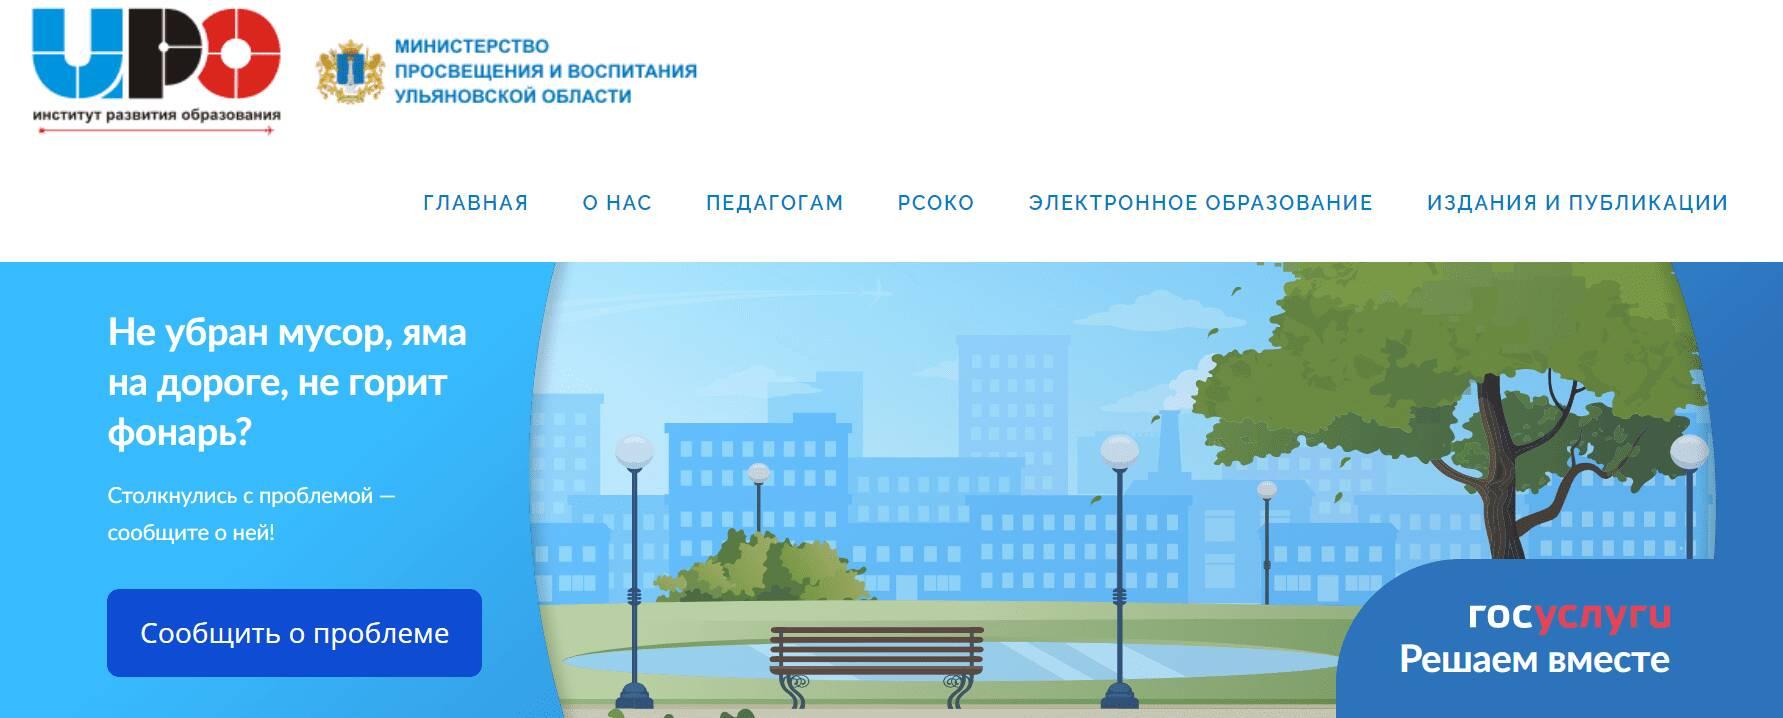 Официальный сайт образовательного учреждения «Институт развития образования»